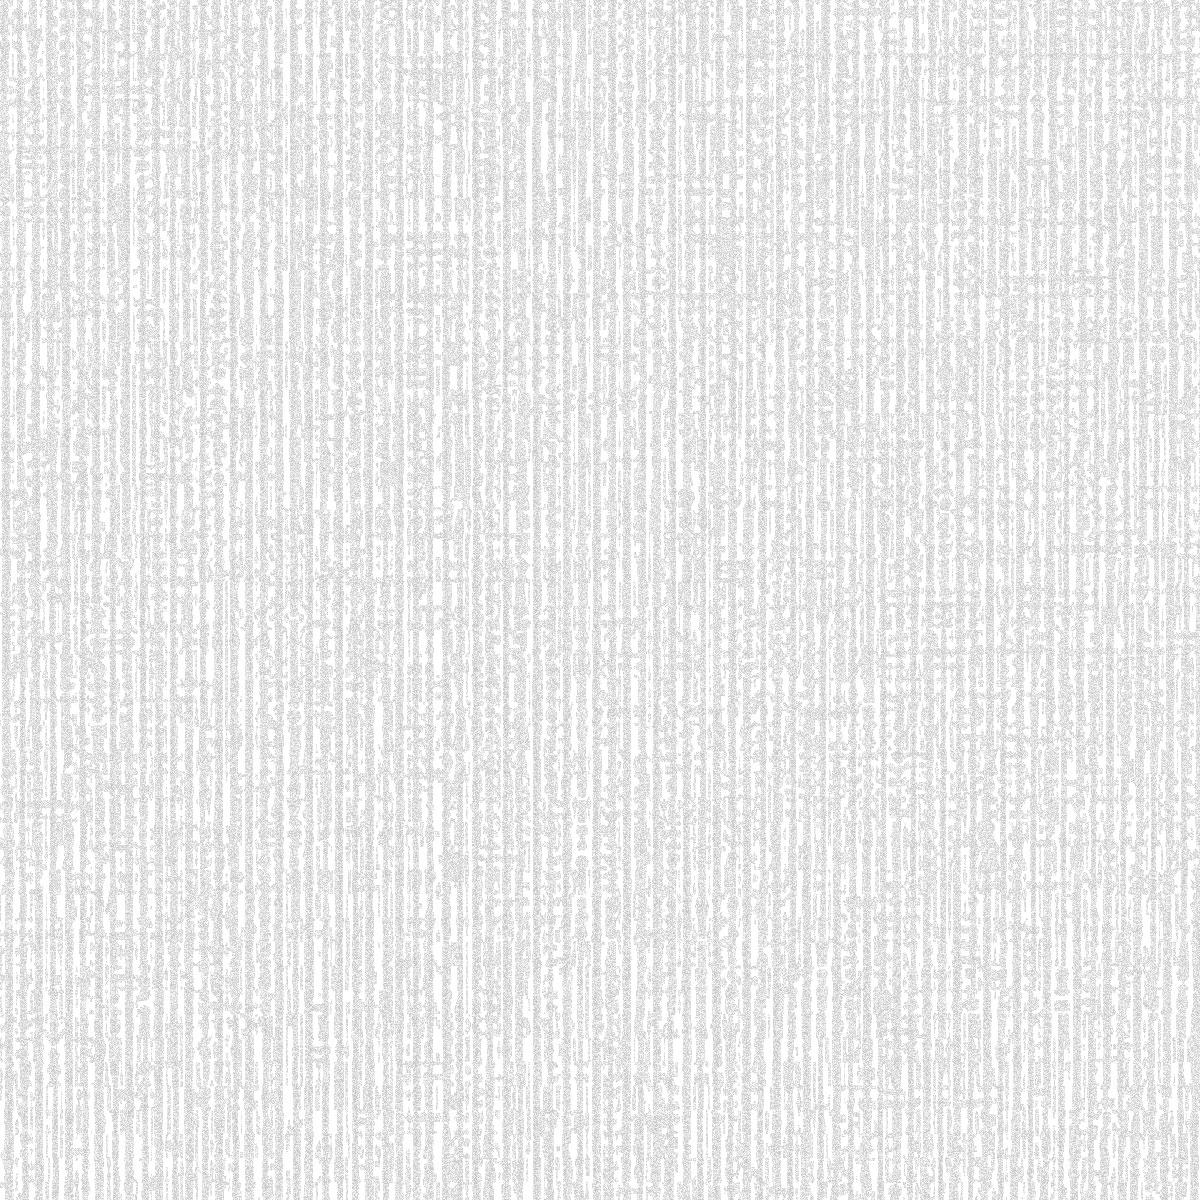 white-10.jpg